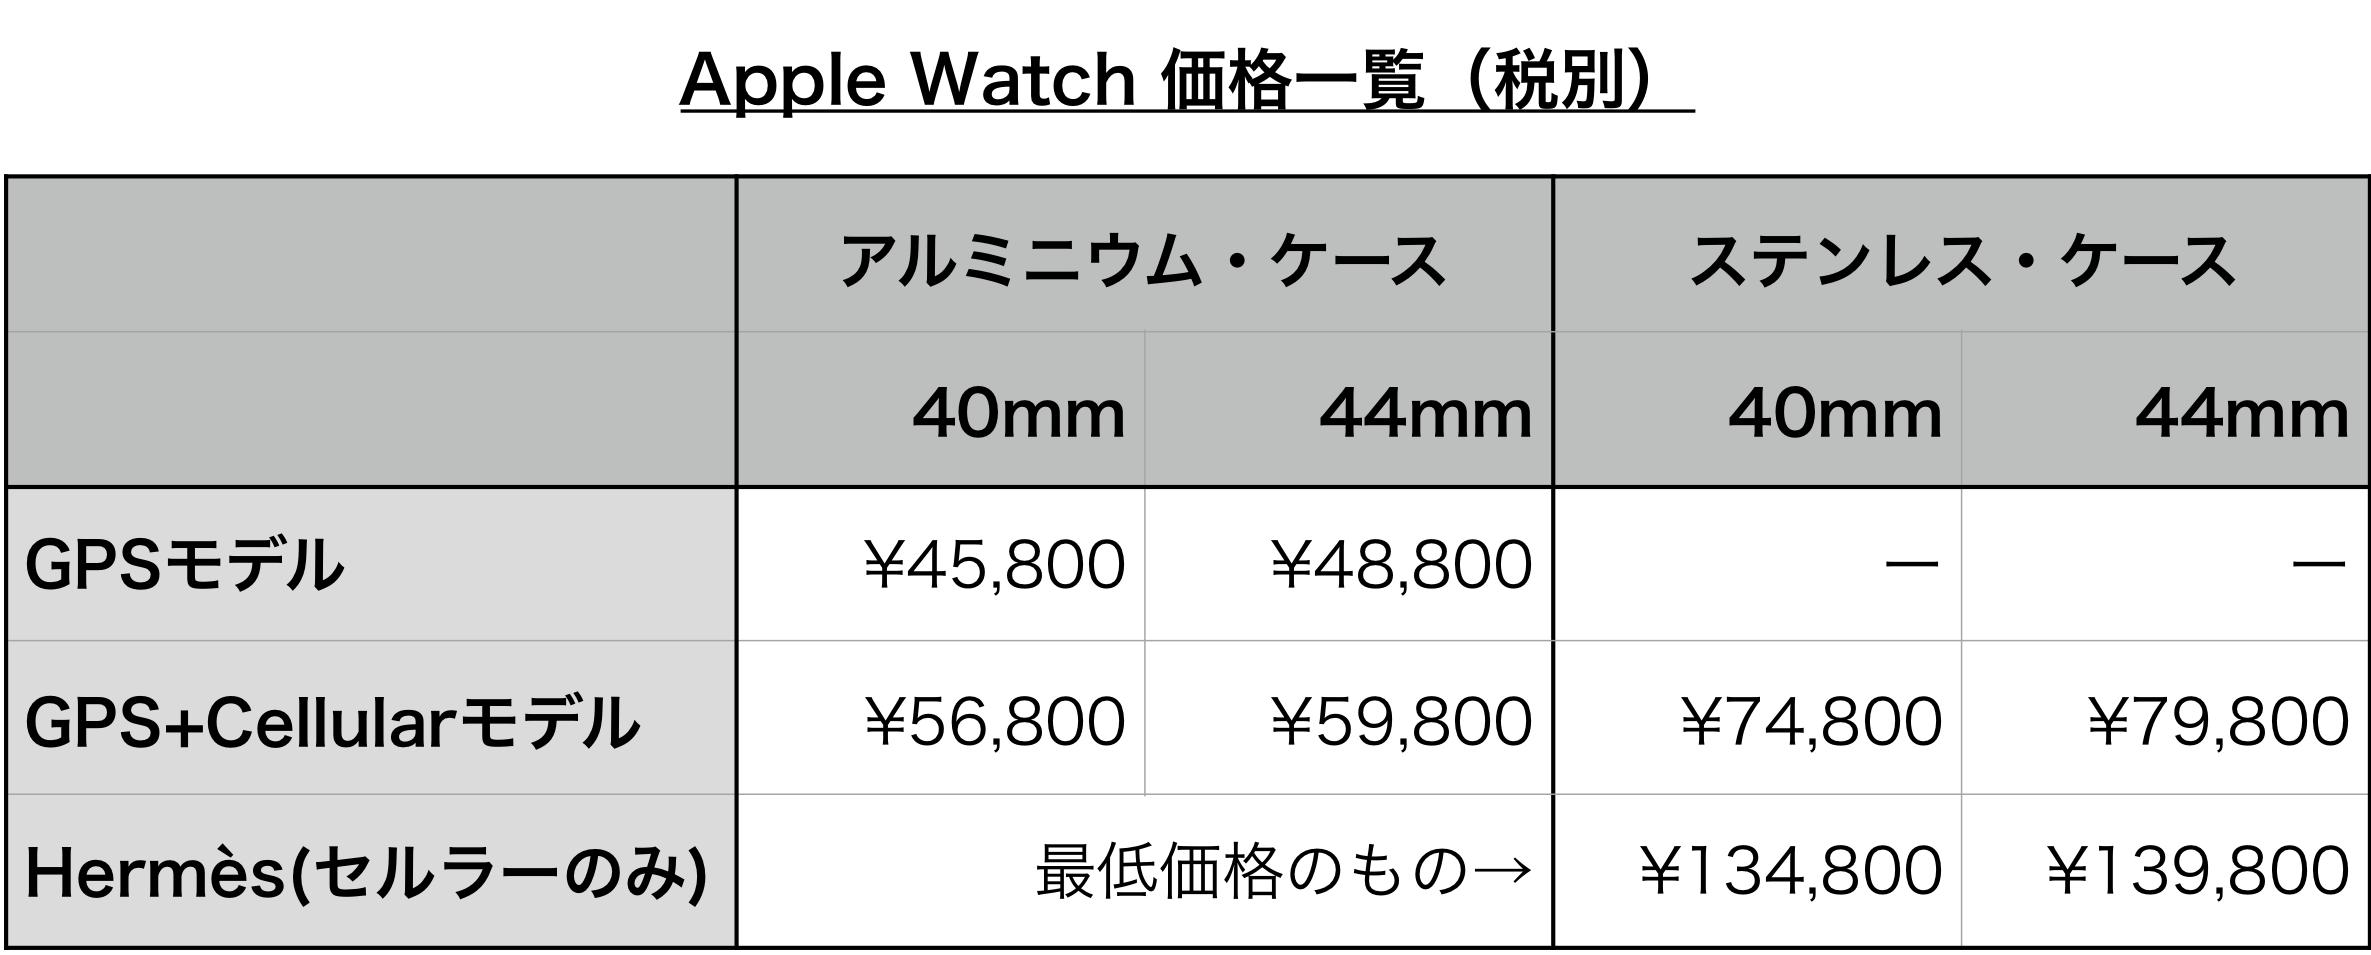 Apple Watch 価格一覧